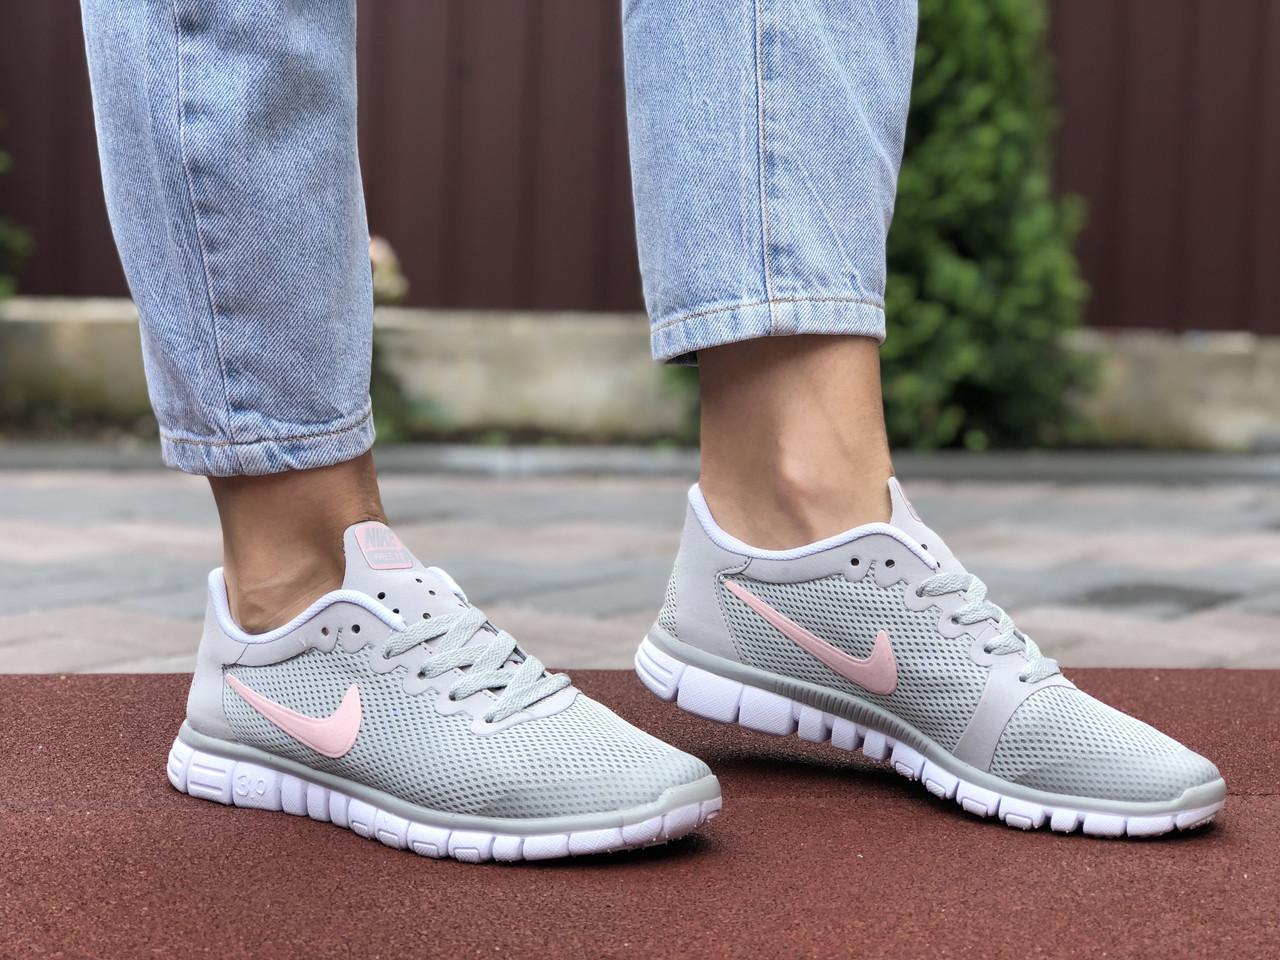 Жіночі кросівки Nike Free Run 3.0 (світло-сірі з рожевим) B10510 модні якісні кроси